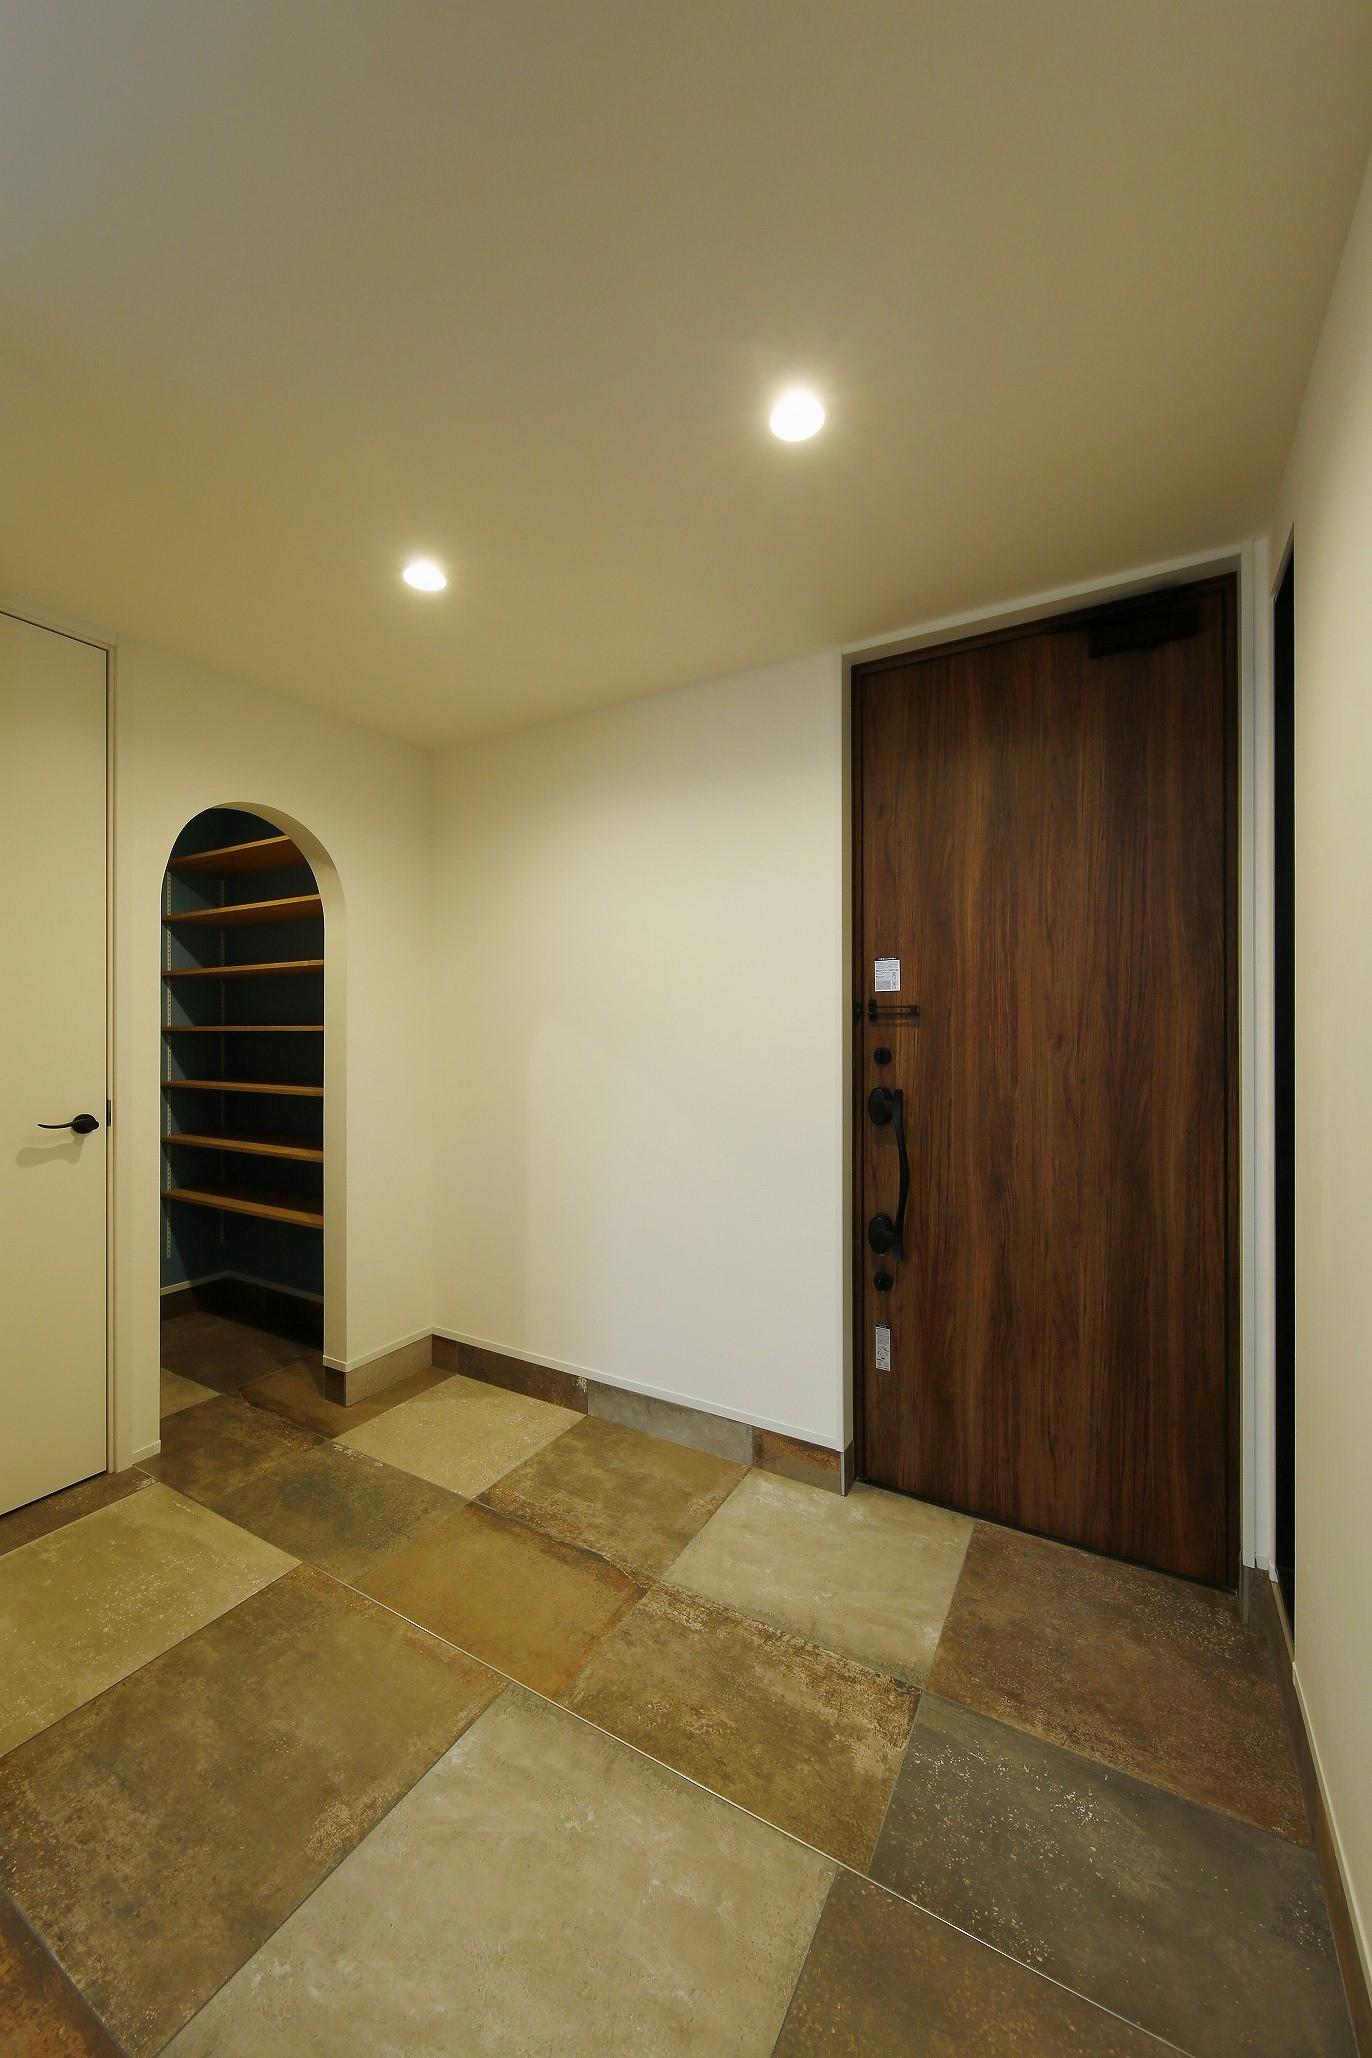 玄関事例:玄関(笑顔が集まるおもてなしの空間)